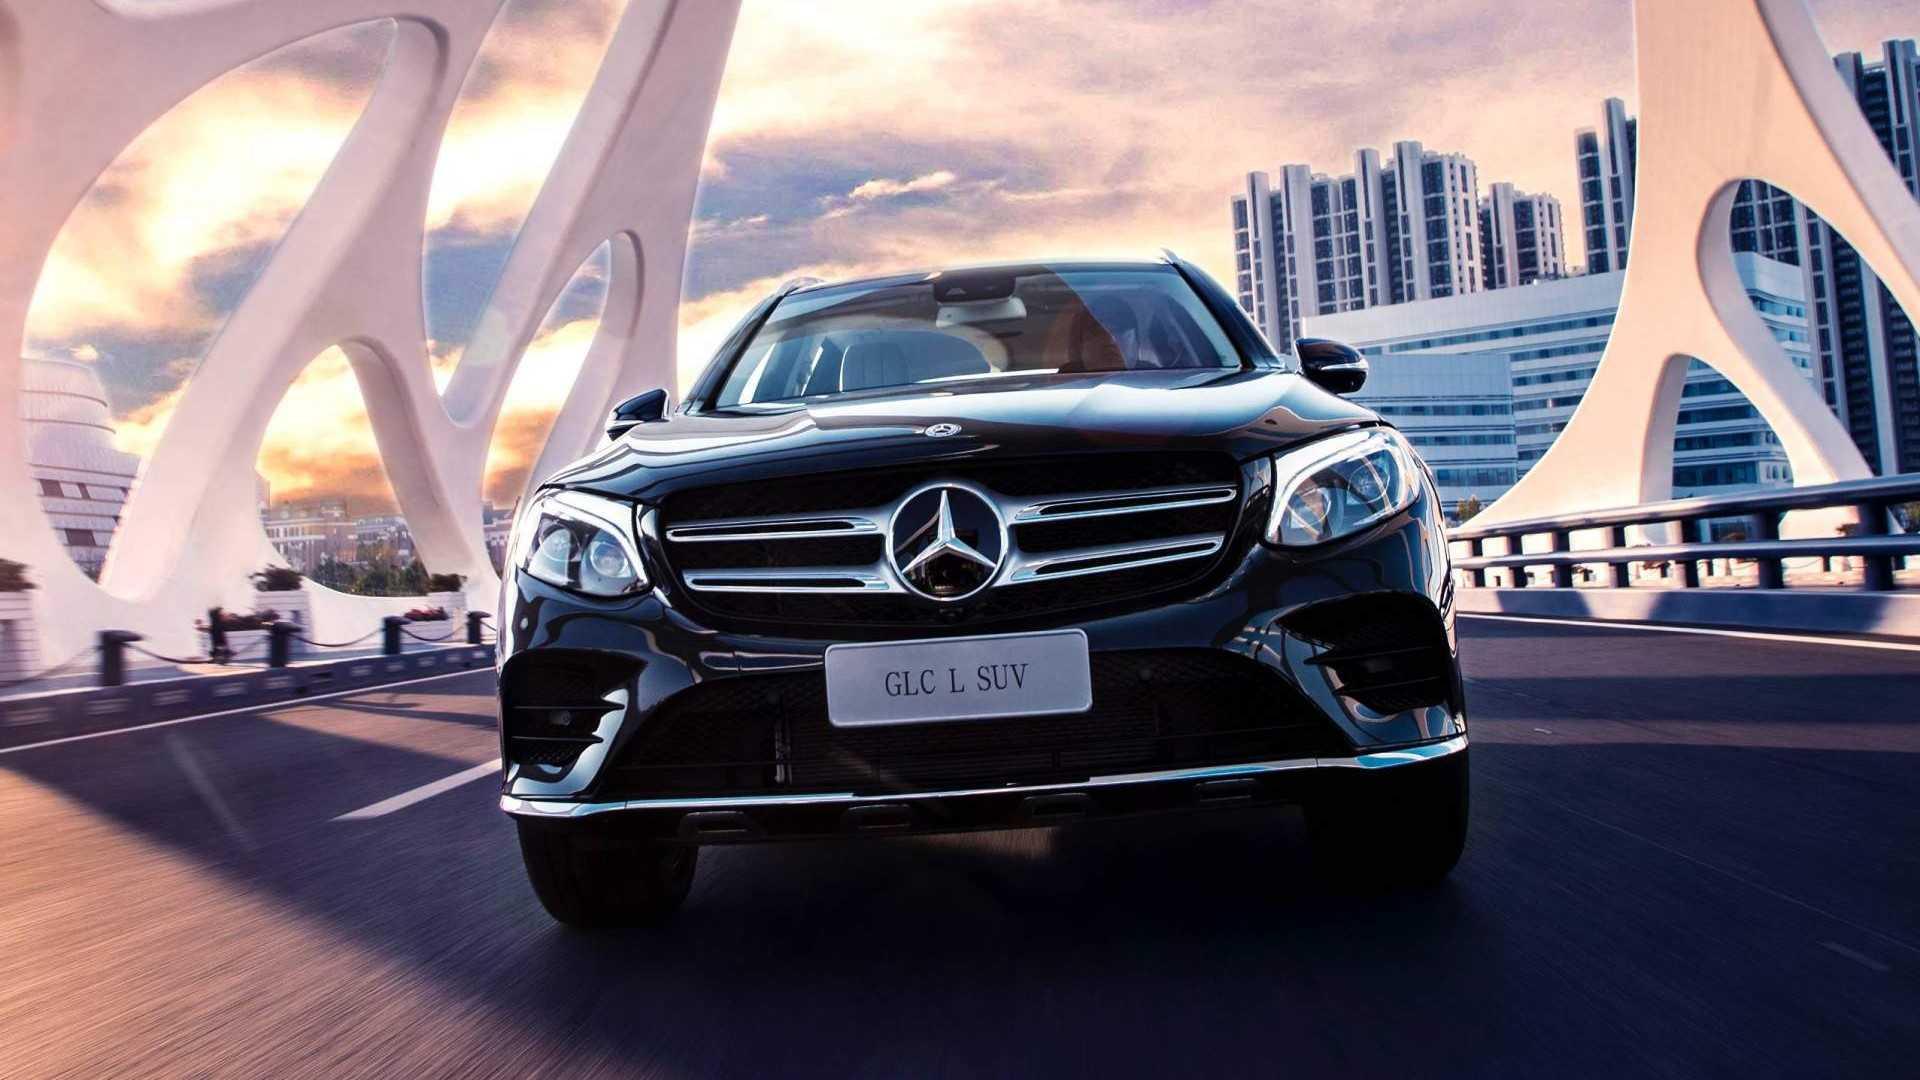 Khám phá Mercedes-Benz GLC L – Chiếc SUV dành riêng cho người Trung Quốc - ảnh 3